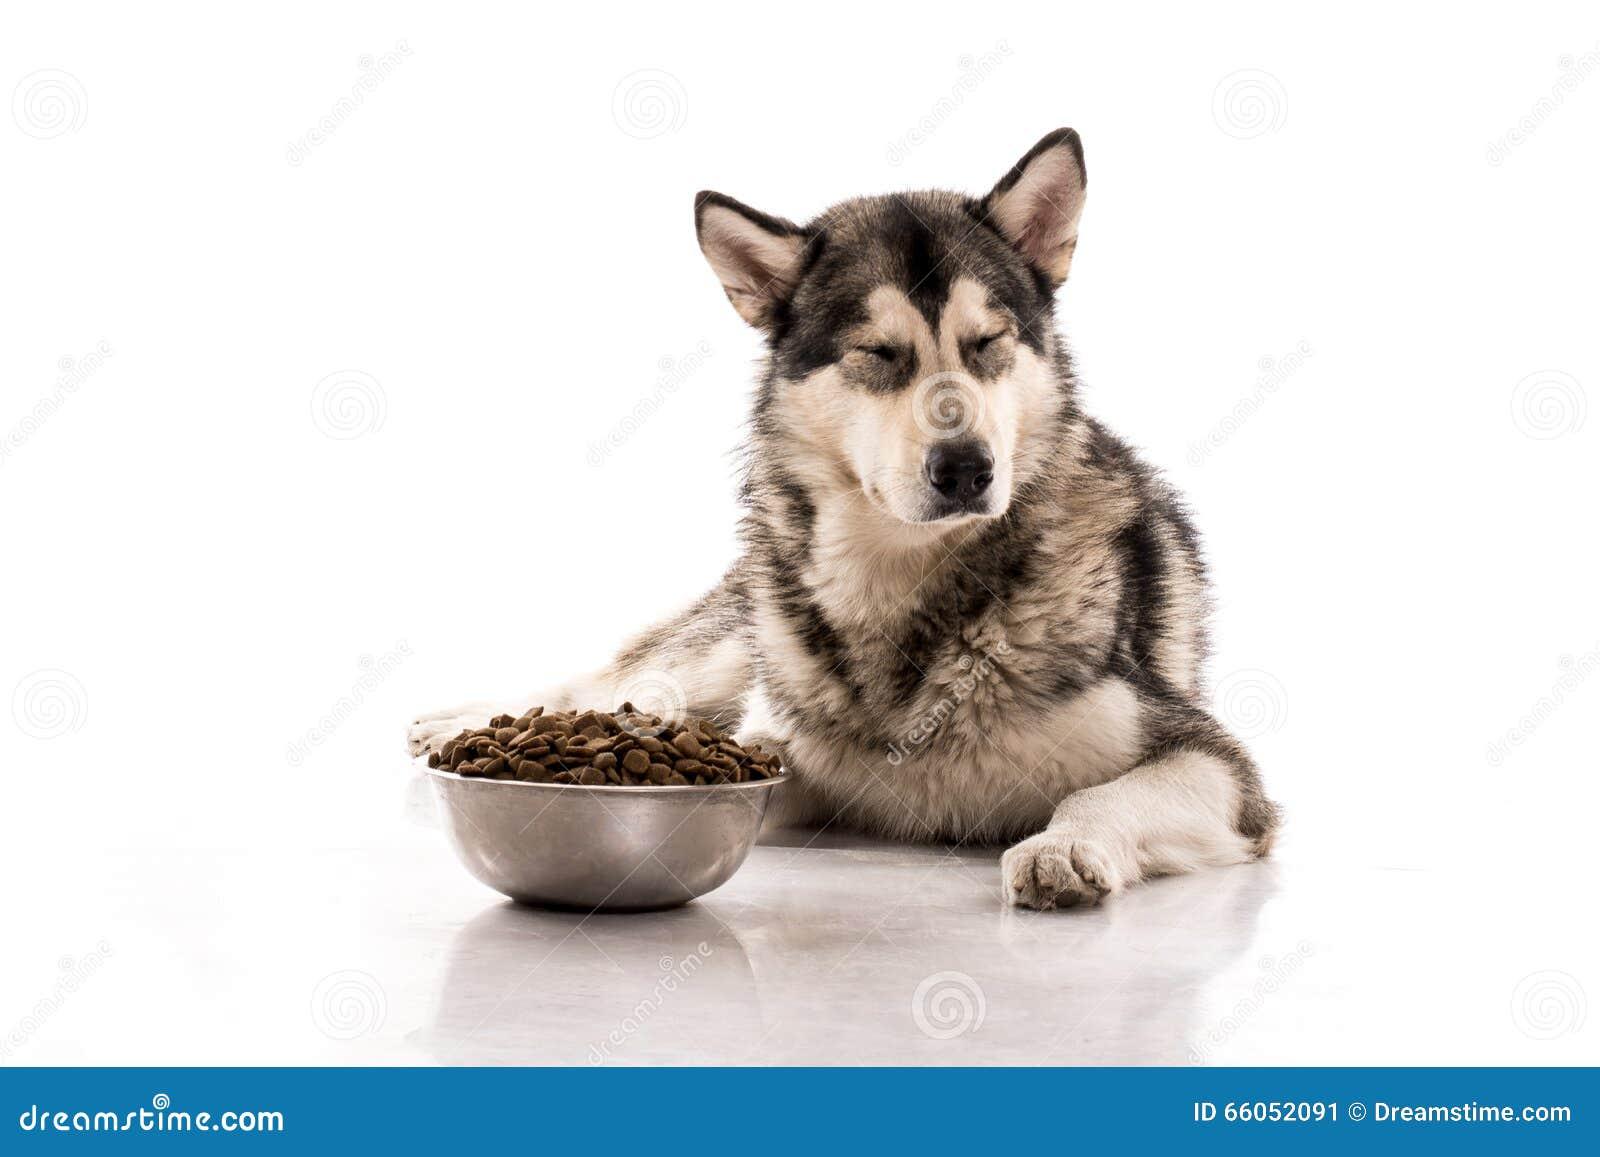 Cão bonito e seu alimento seco favorito em um fundo branco